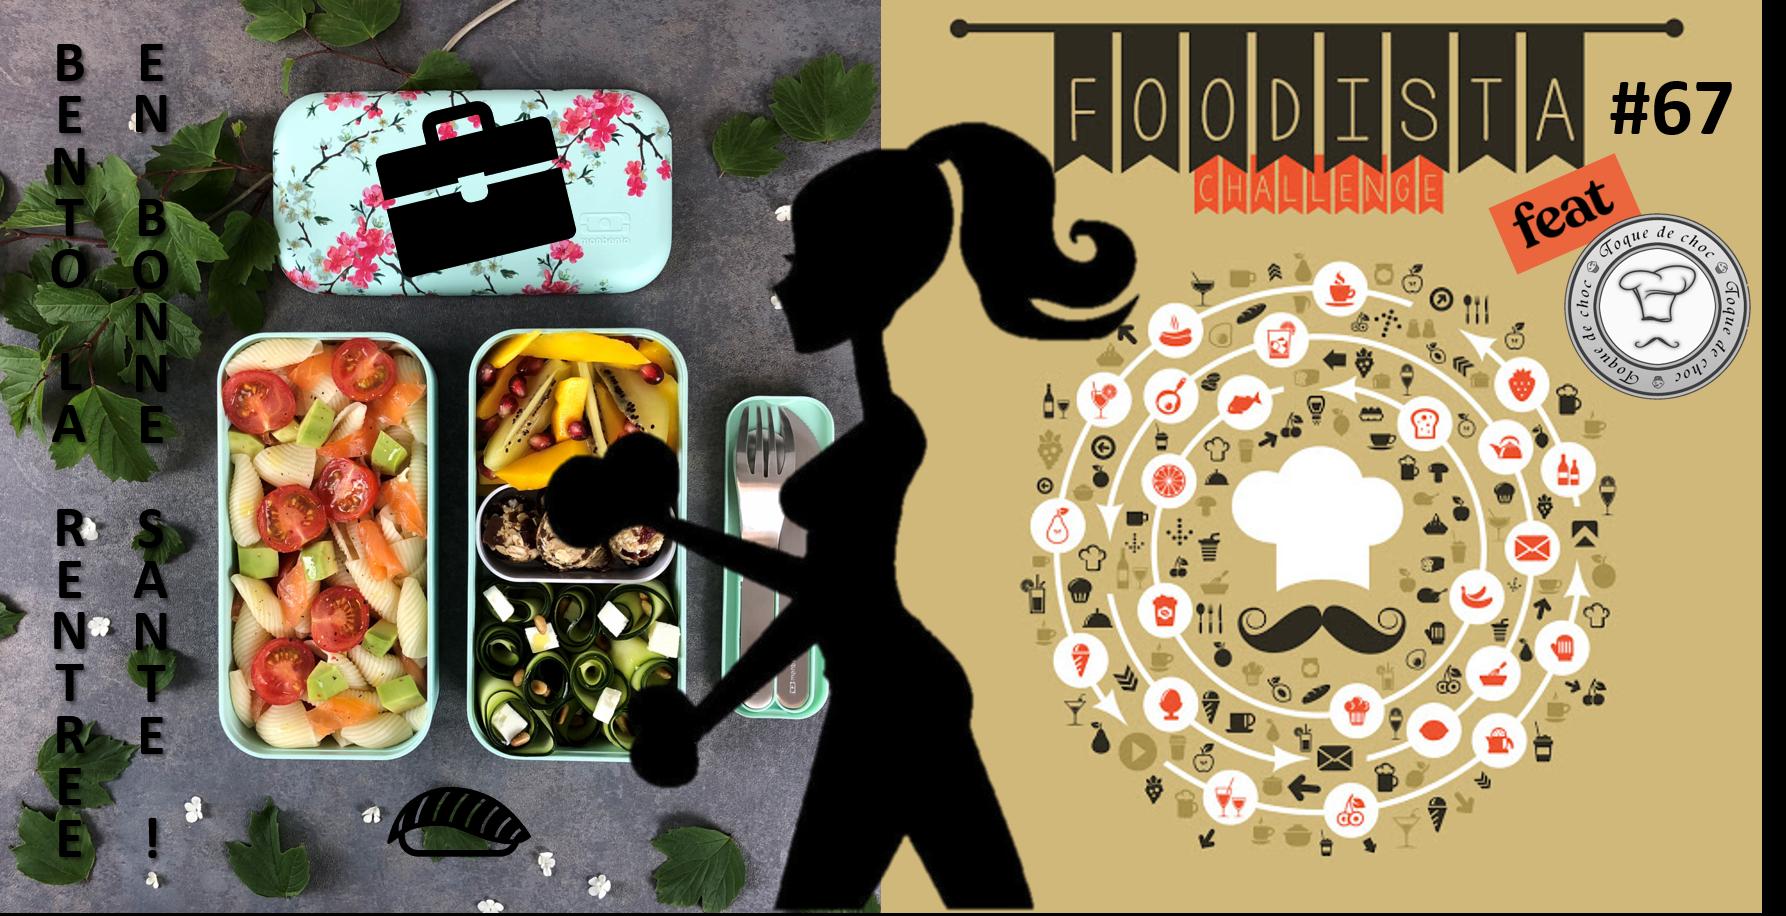 Foodista Challenge #67 : Bento la rentrée en bonne santé !